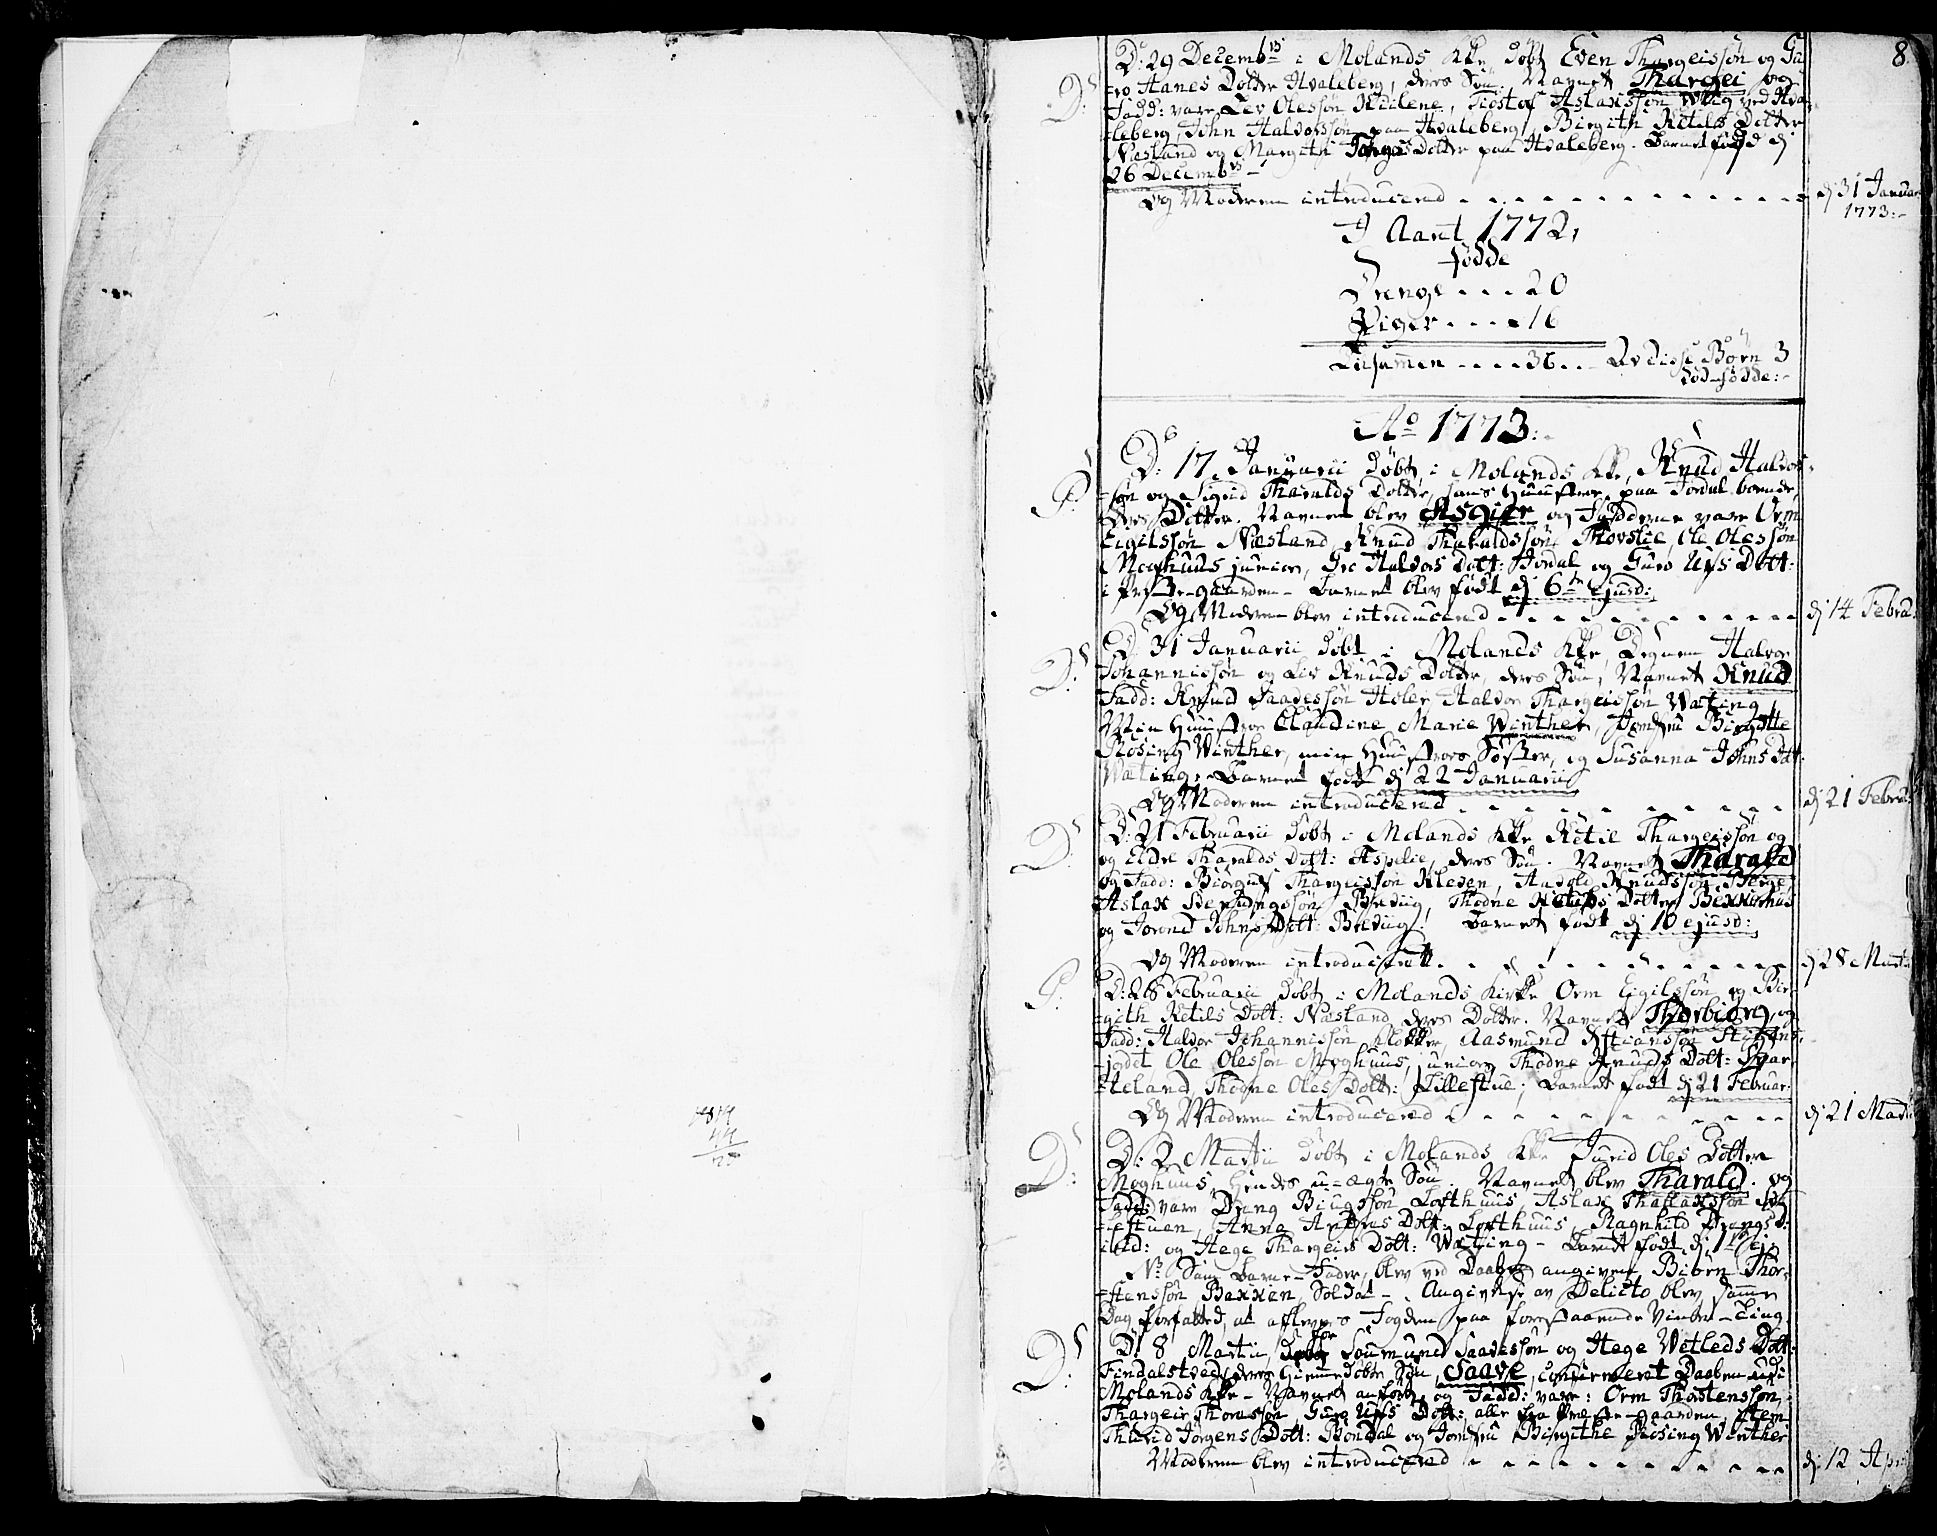 SAKO, Fyresdal kirkebøker, F/Fa/L0002: Ministerialbok nr. I 2, 1769-1814, s. 8